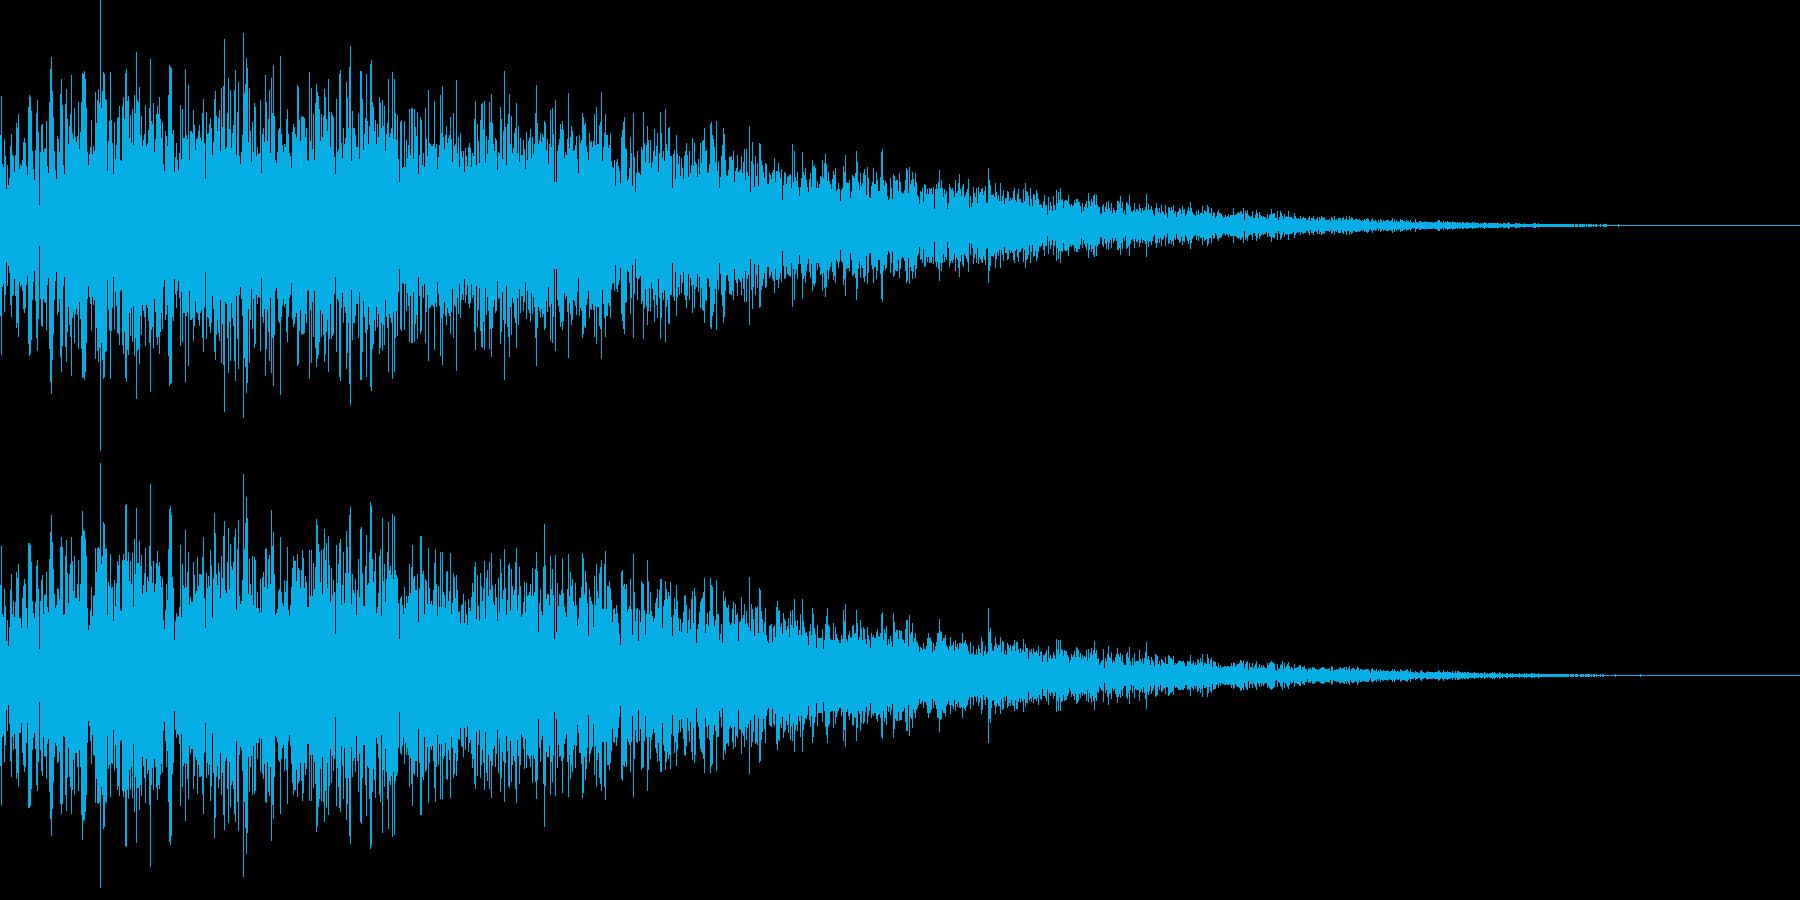 [ドワーン]/中国/ドラ/銅鑼/少林寺の再生済みの波形